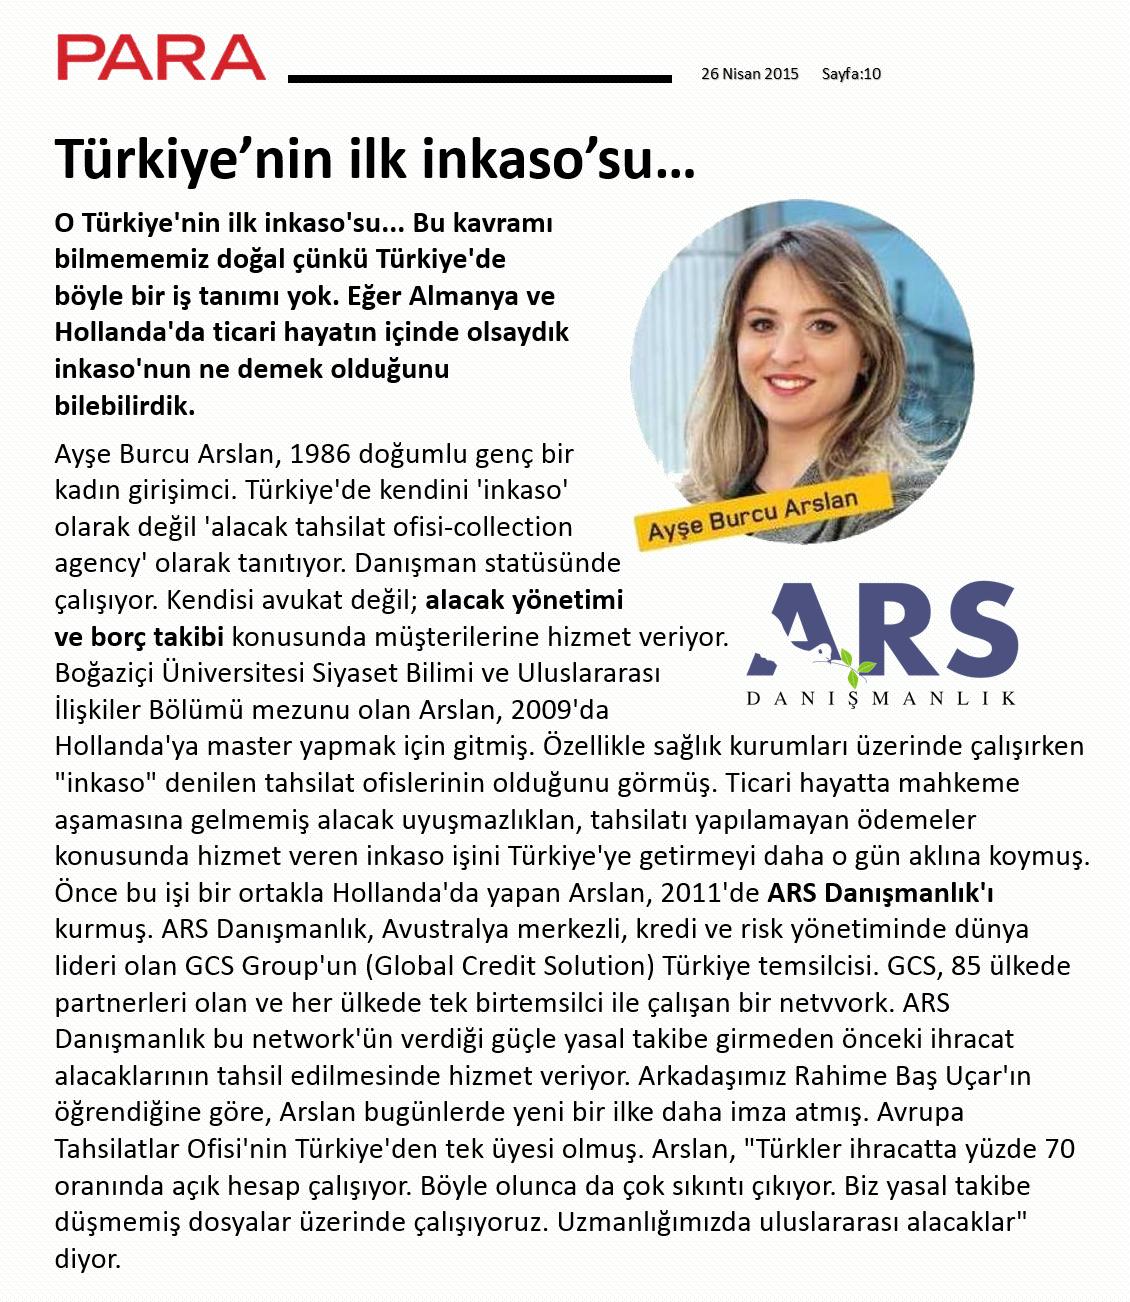 ARS DANIŞMANLIK - PARA DERGİSİ